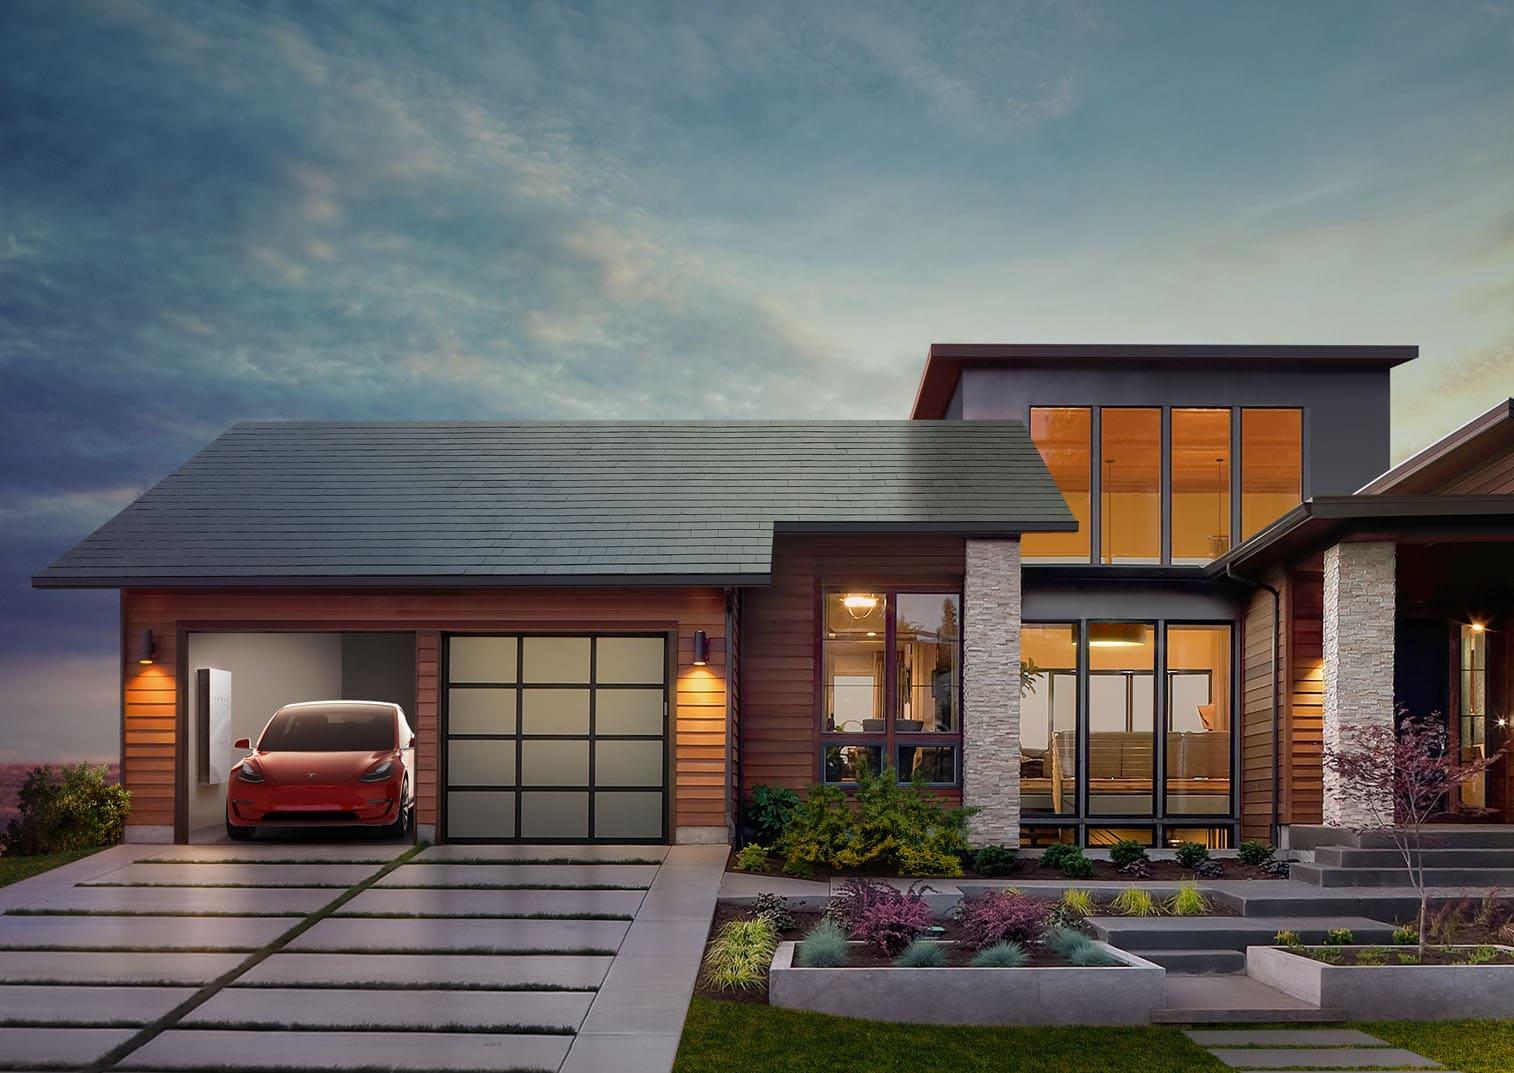 Ключевые моменты выступления Илона Маска на собрании акционеров Tesla: спрос на автомобили, пикап, страховка и дезинформация в СМИ